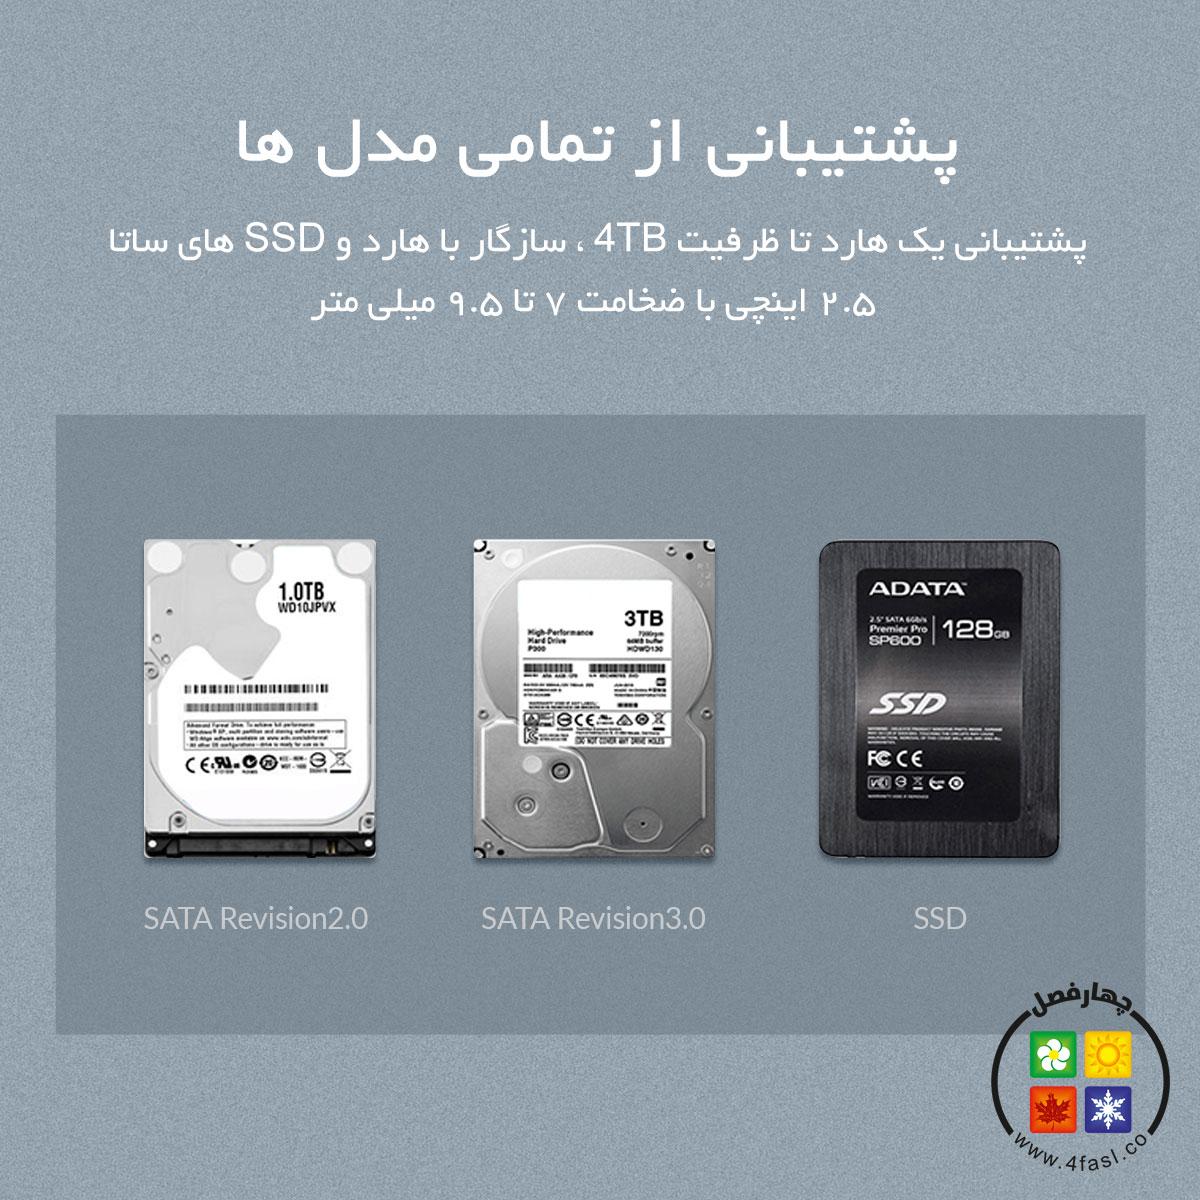 باکس SSD و هارد 2.5 اینچ